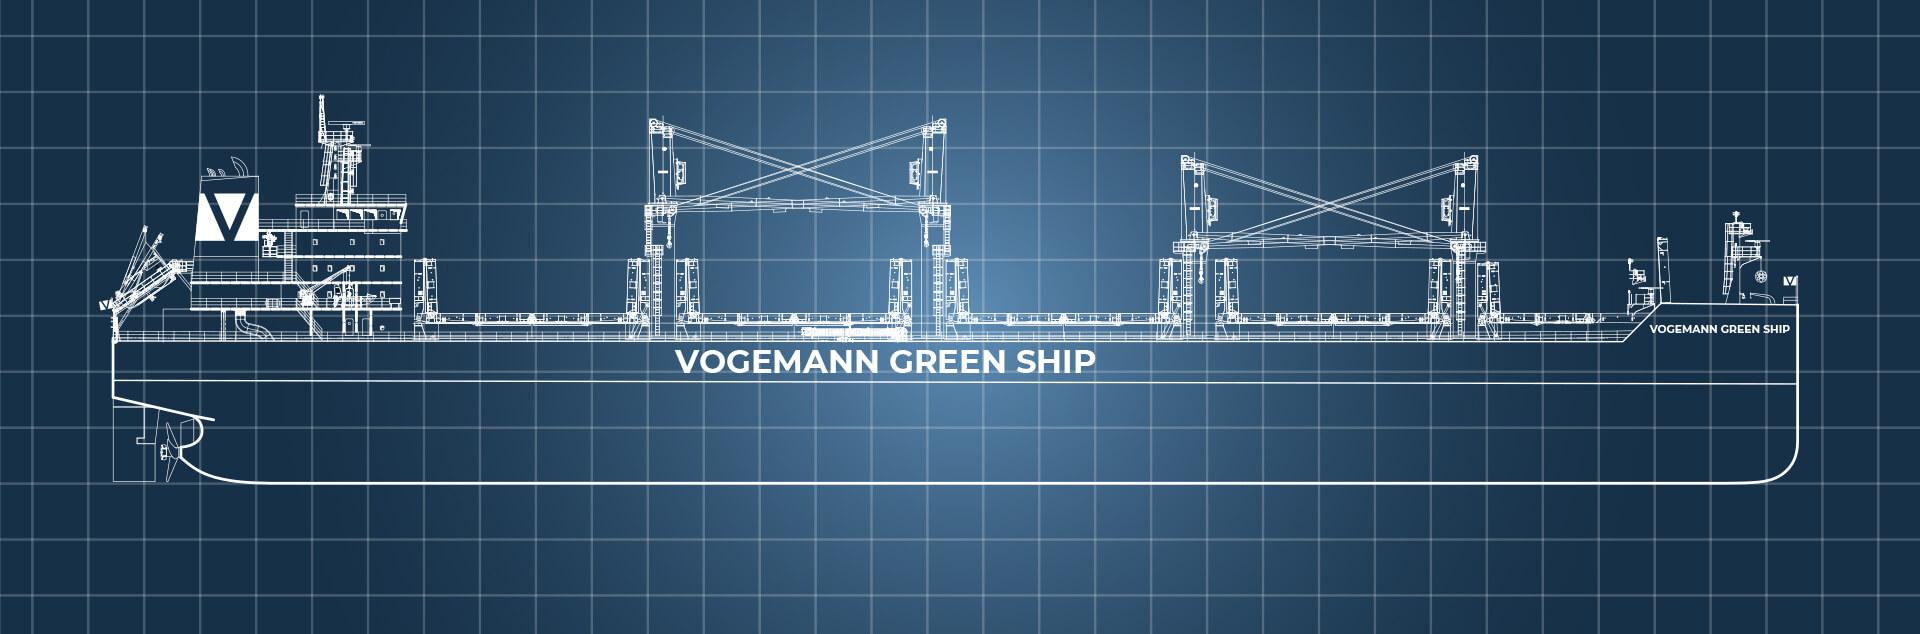 Vogemann Steuerbord Schiff auf blauem Hintergrund